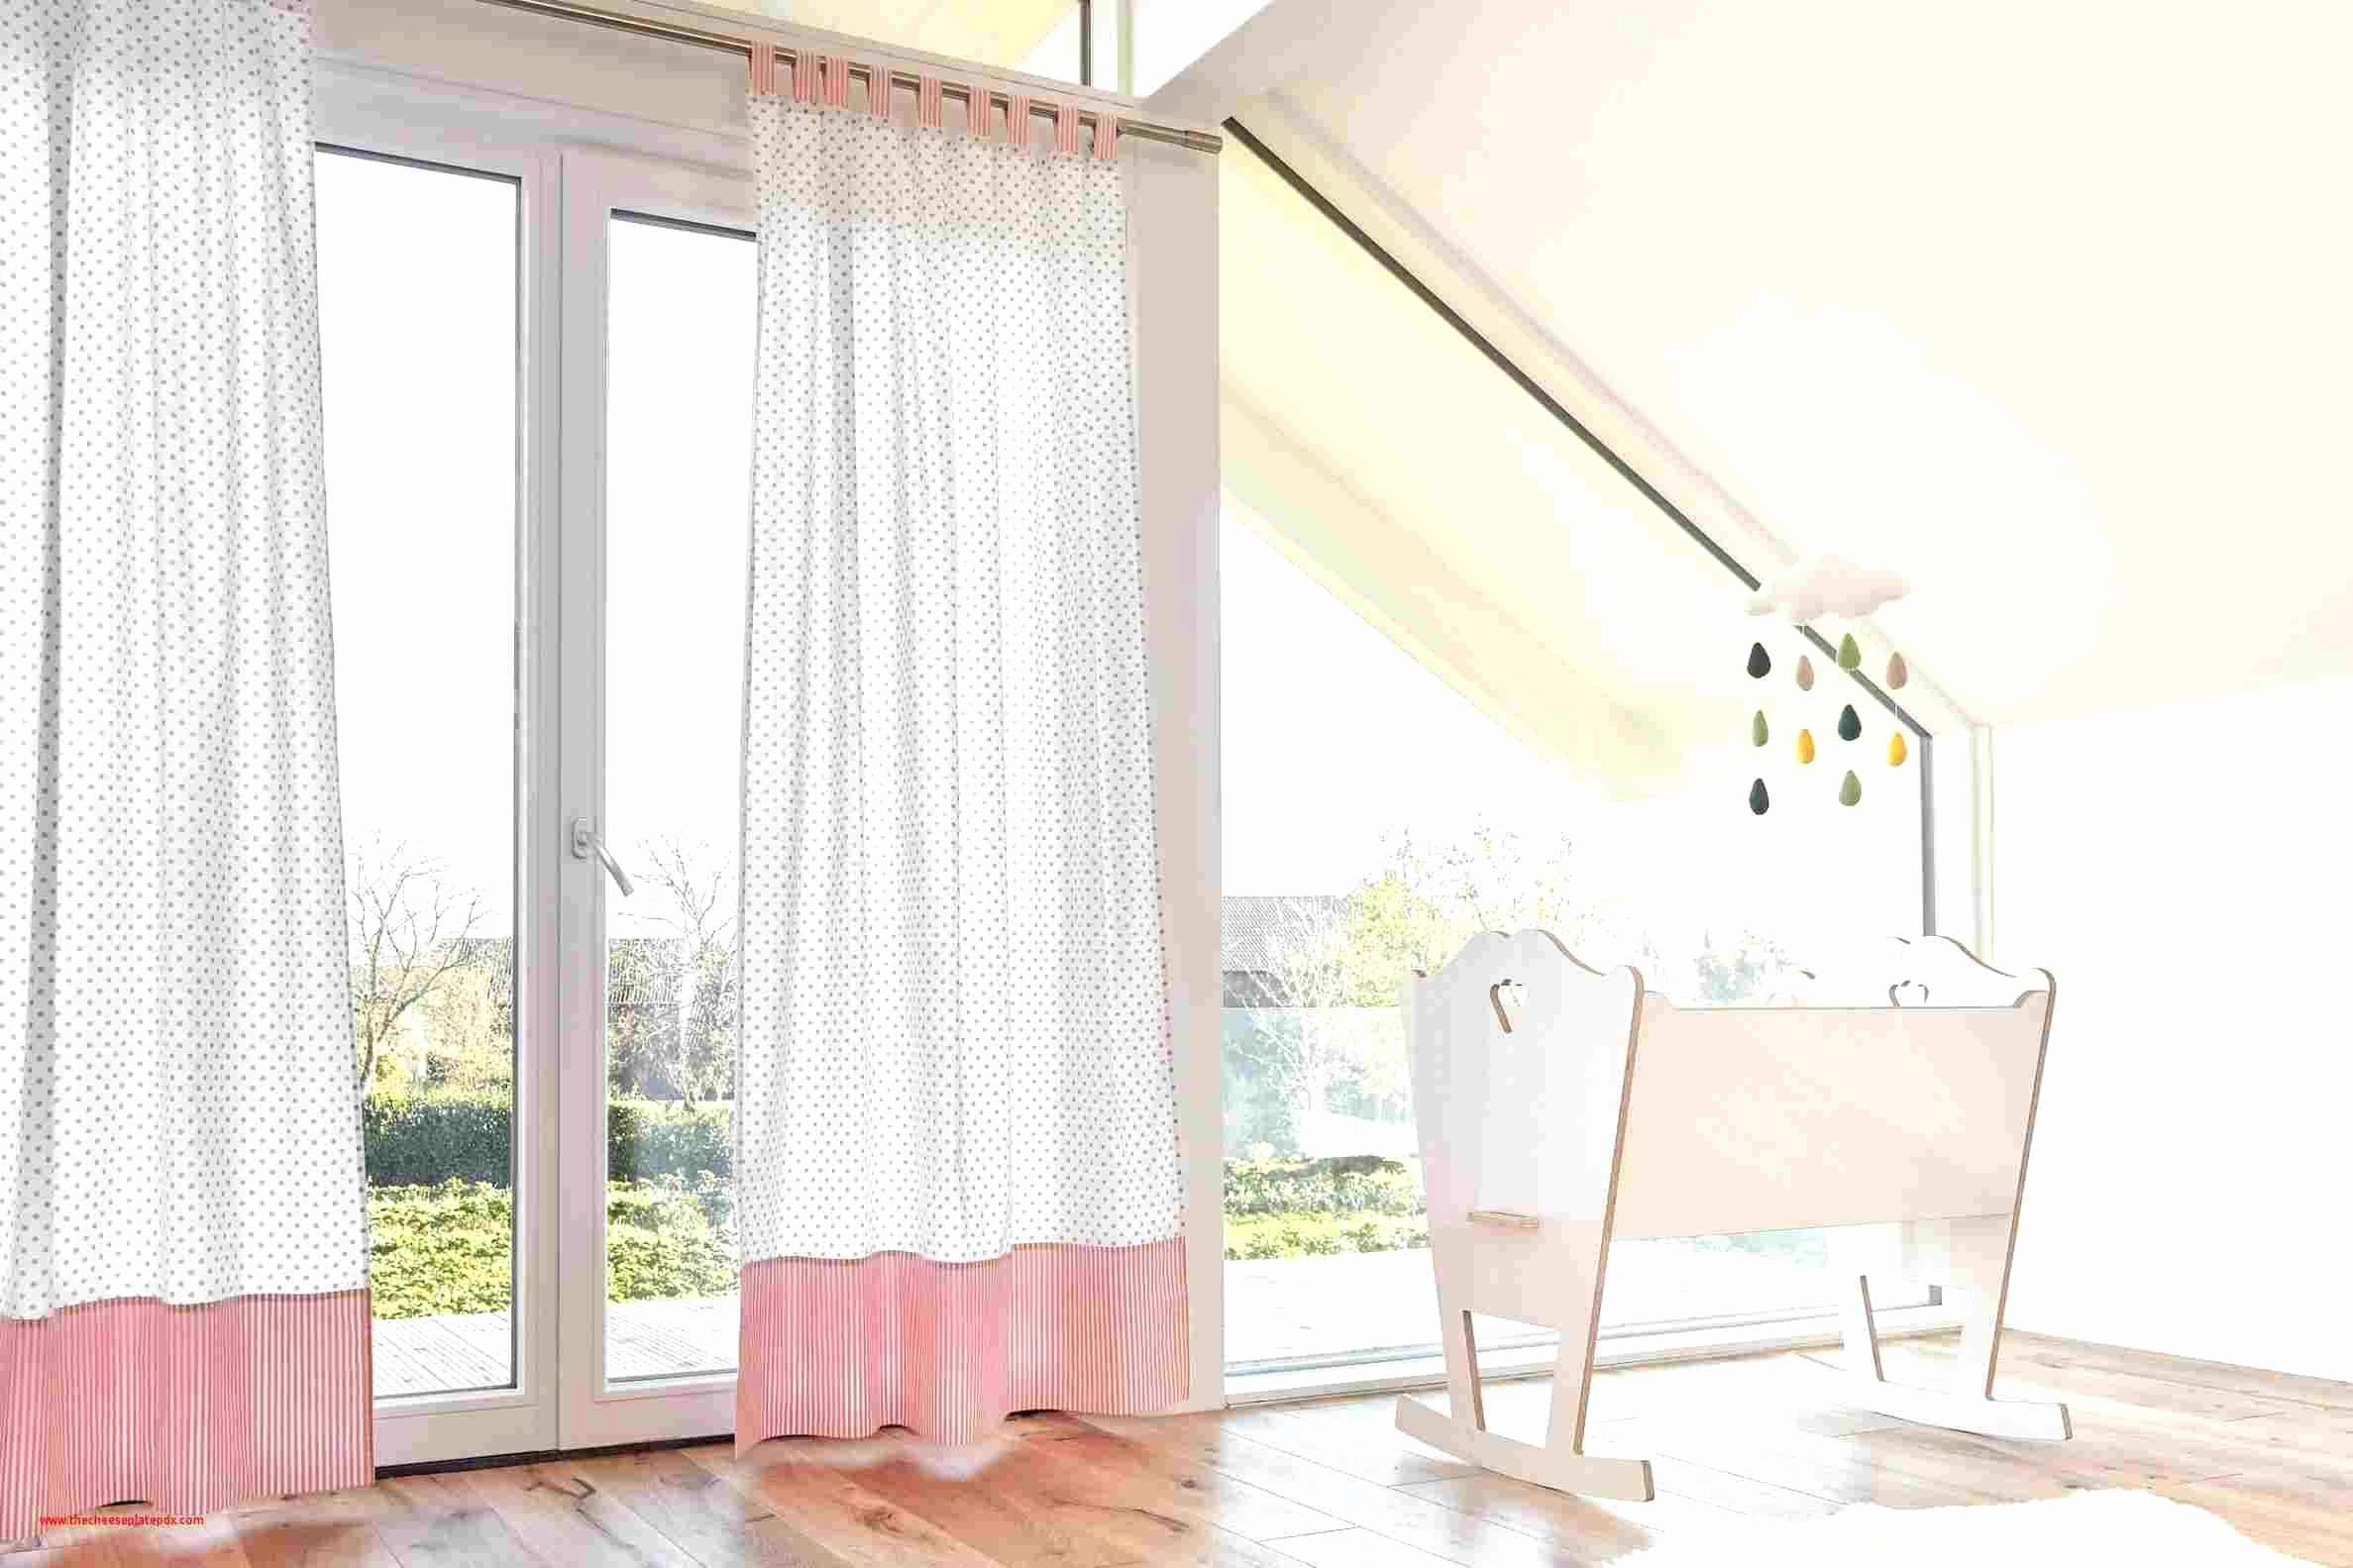 Full Size of Gardinen Doppelfenster 39 Das Beste Von Wohnzimmer Modern Einzigartig Scheibengardinen Küche Fenster Schlafzimmer Für Die Wohnzimmer Gardinen Doppelfenster